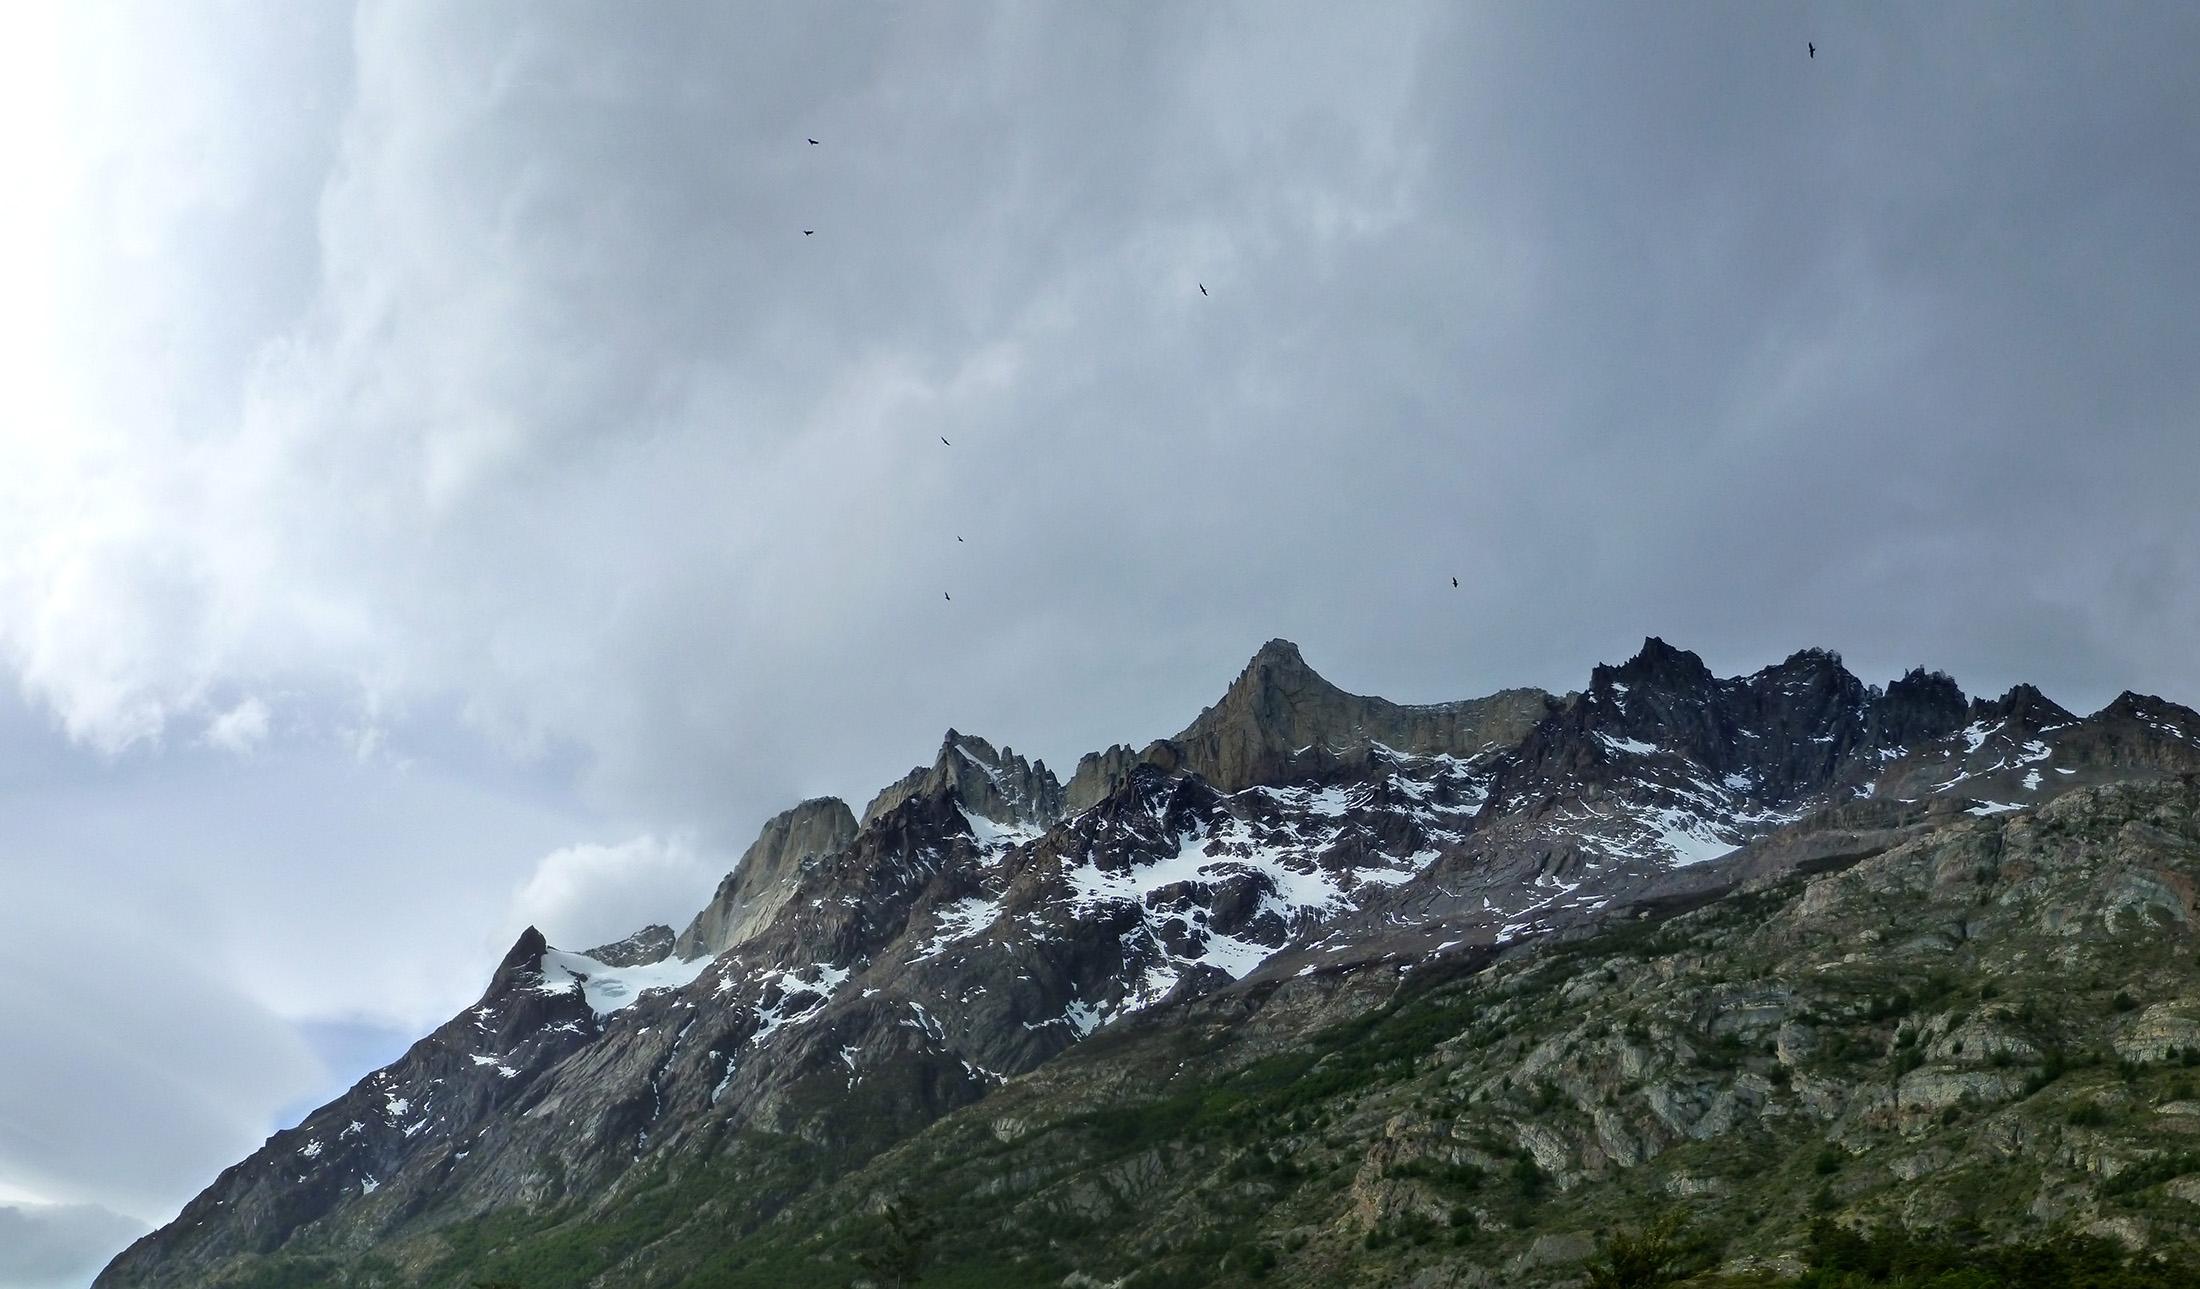 Flock of Condors